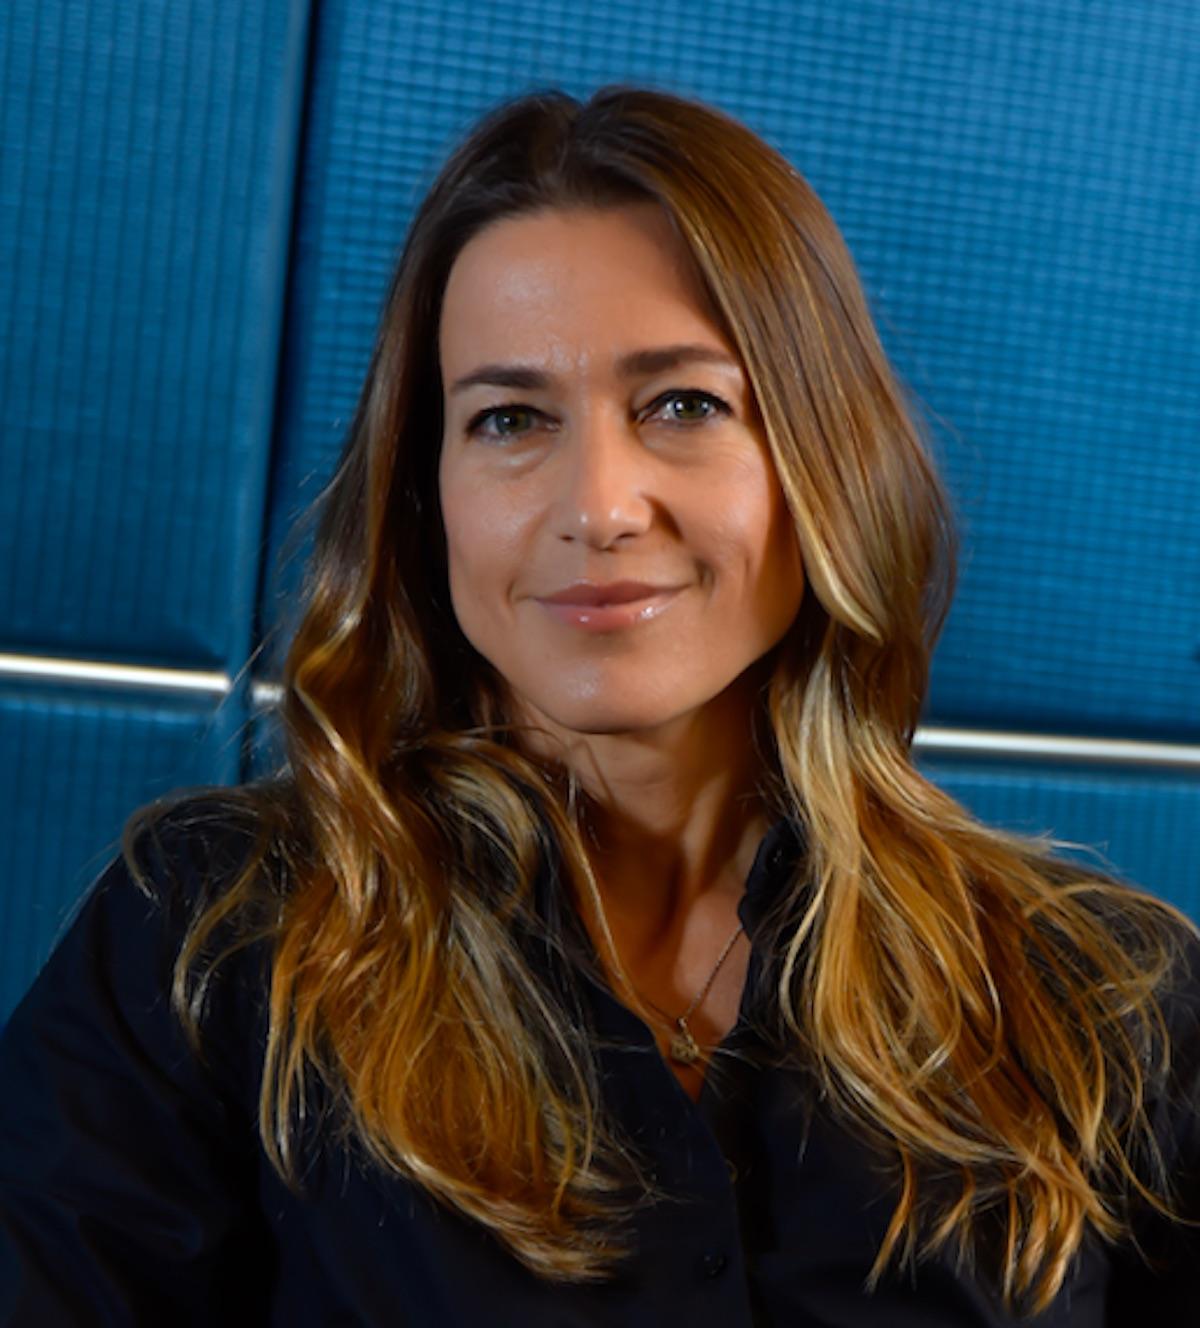 Da pandemia, surge um novo consumidor mais digital – Vanesa Meyer